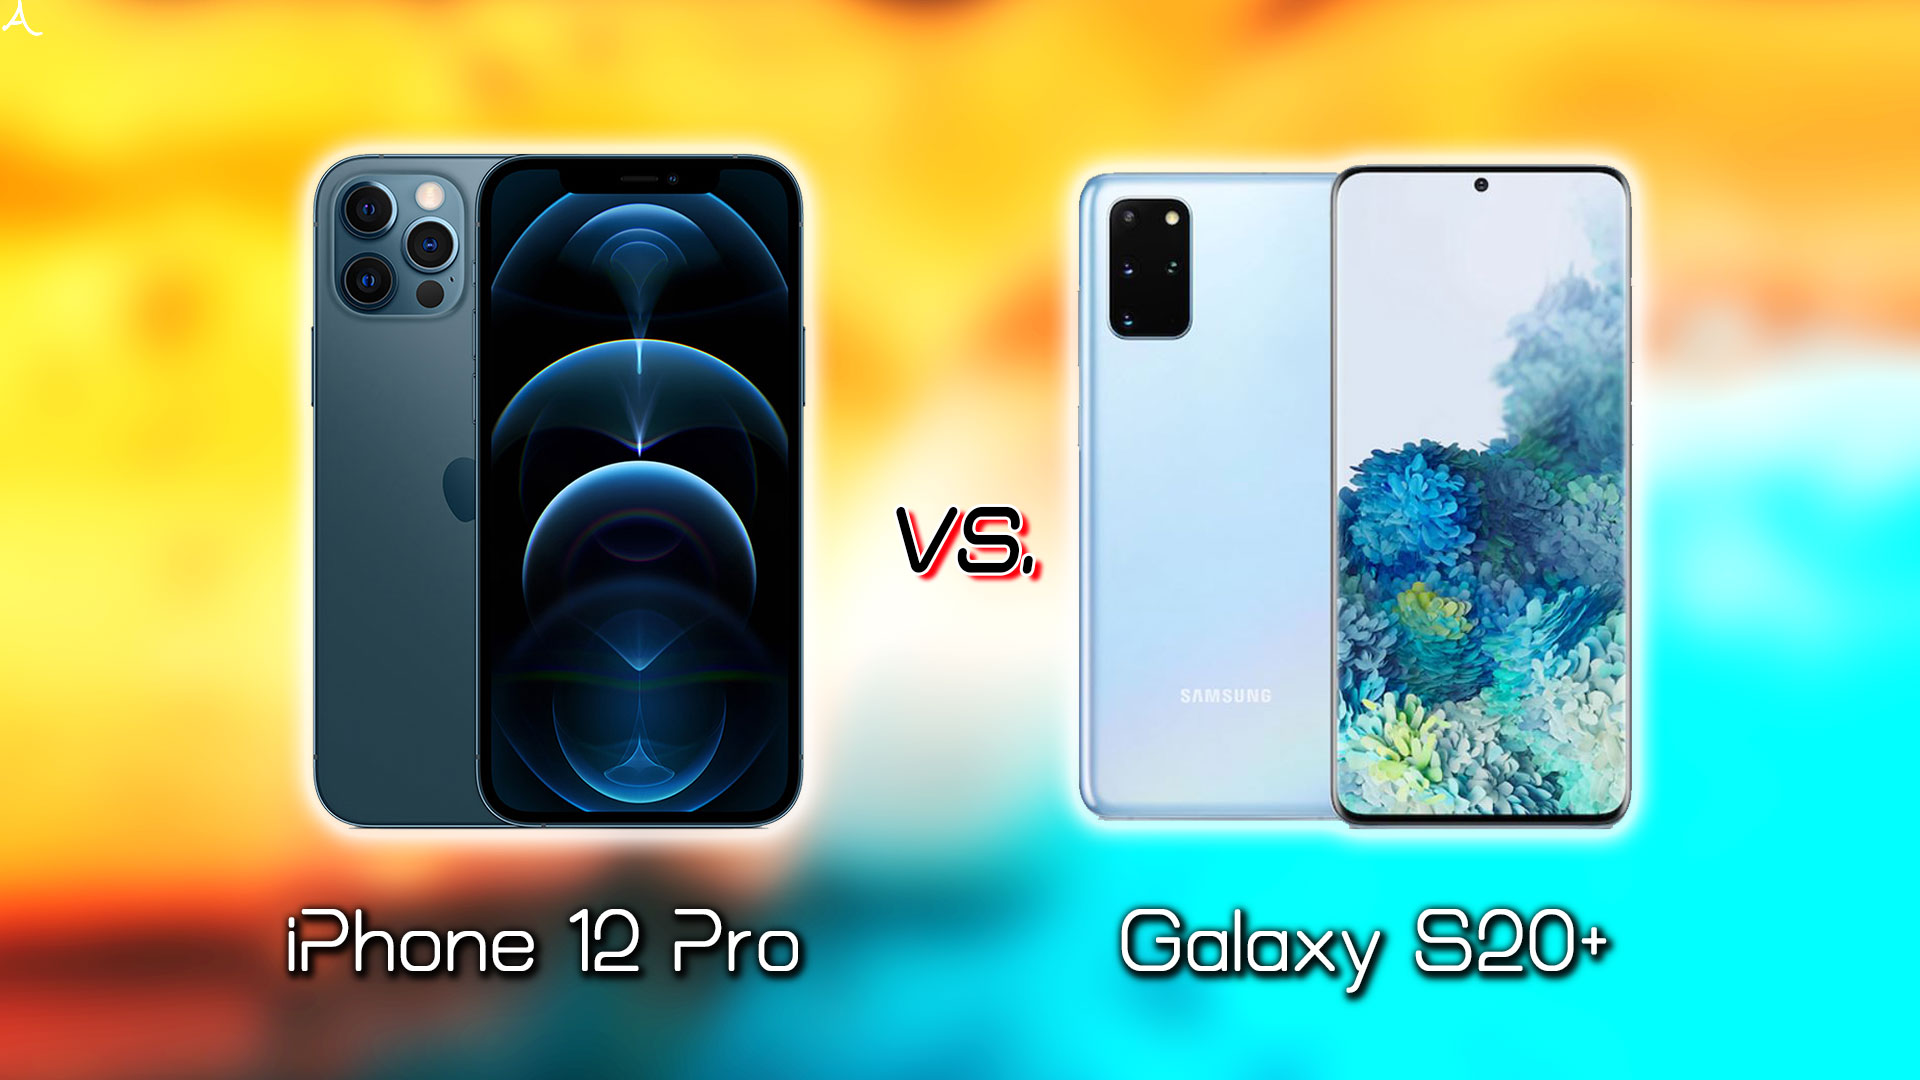 「iPhone 12 Pro」と「Galaxy S20+(プラス)」の違いを比較:どっちを買う?